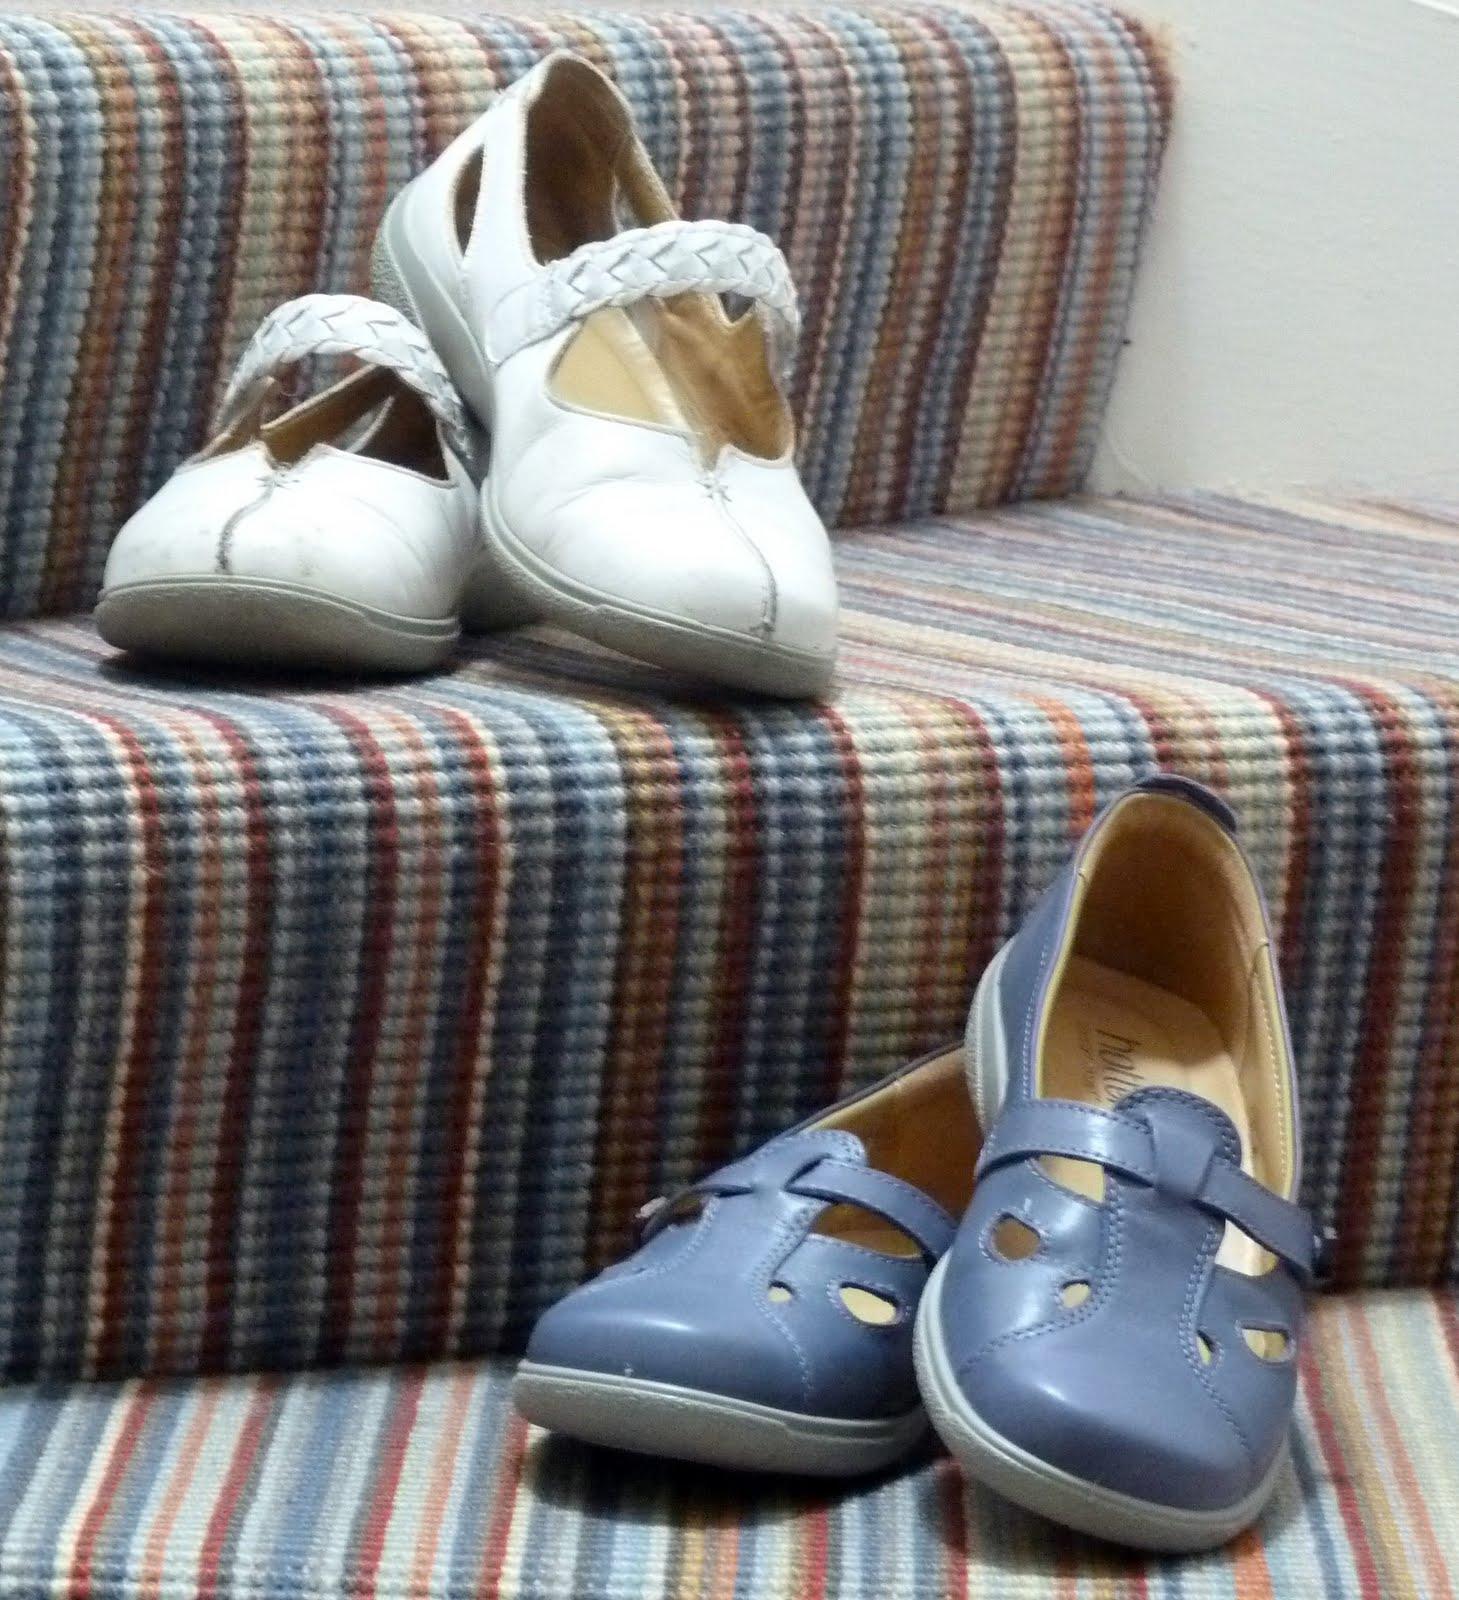 Hotter Shoes Stockists Uk